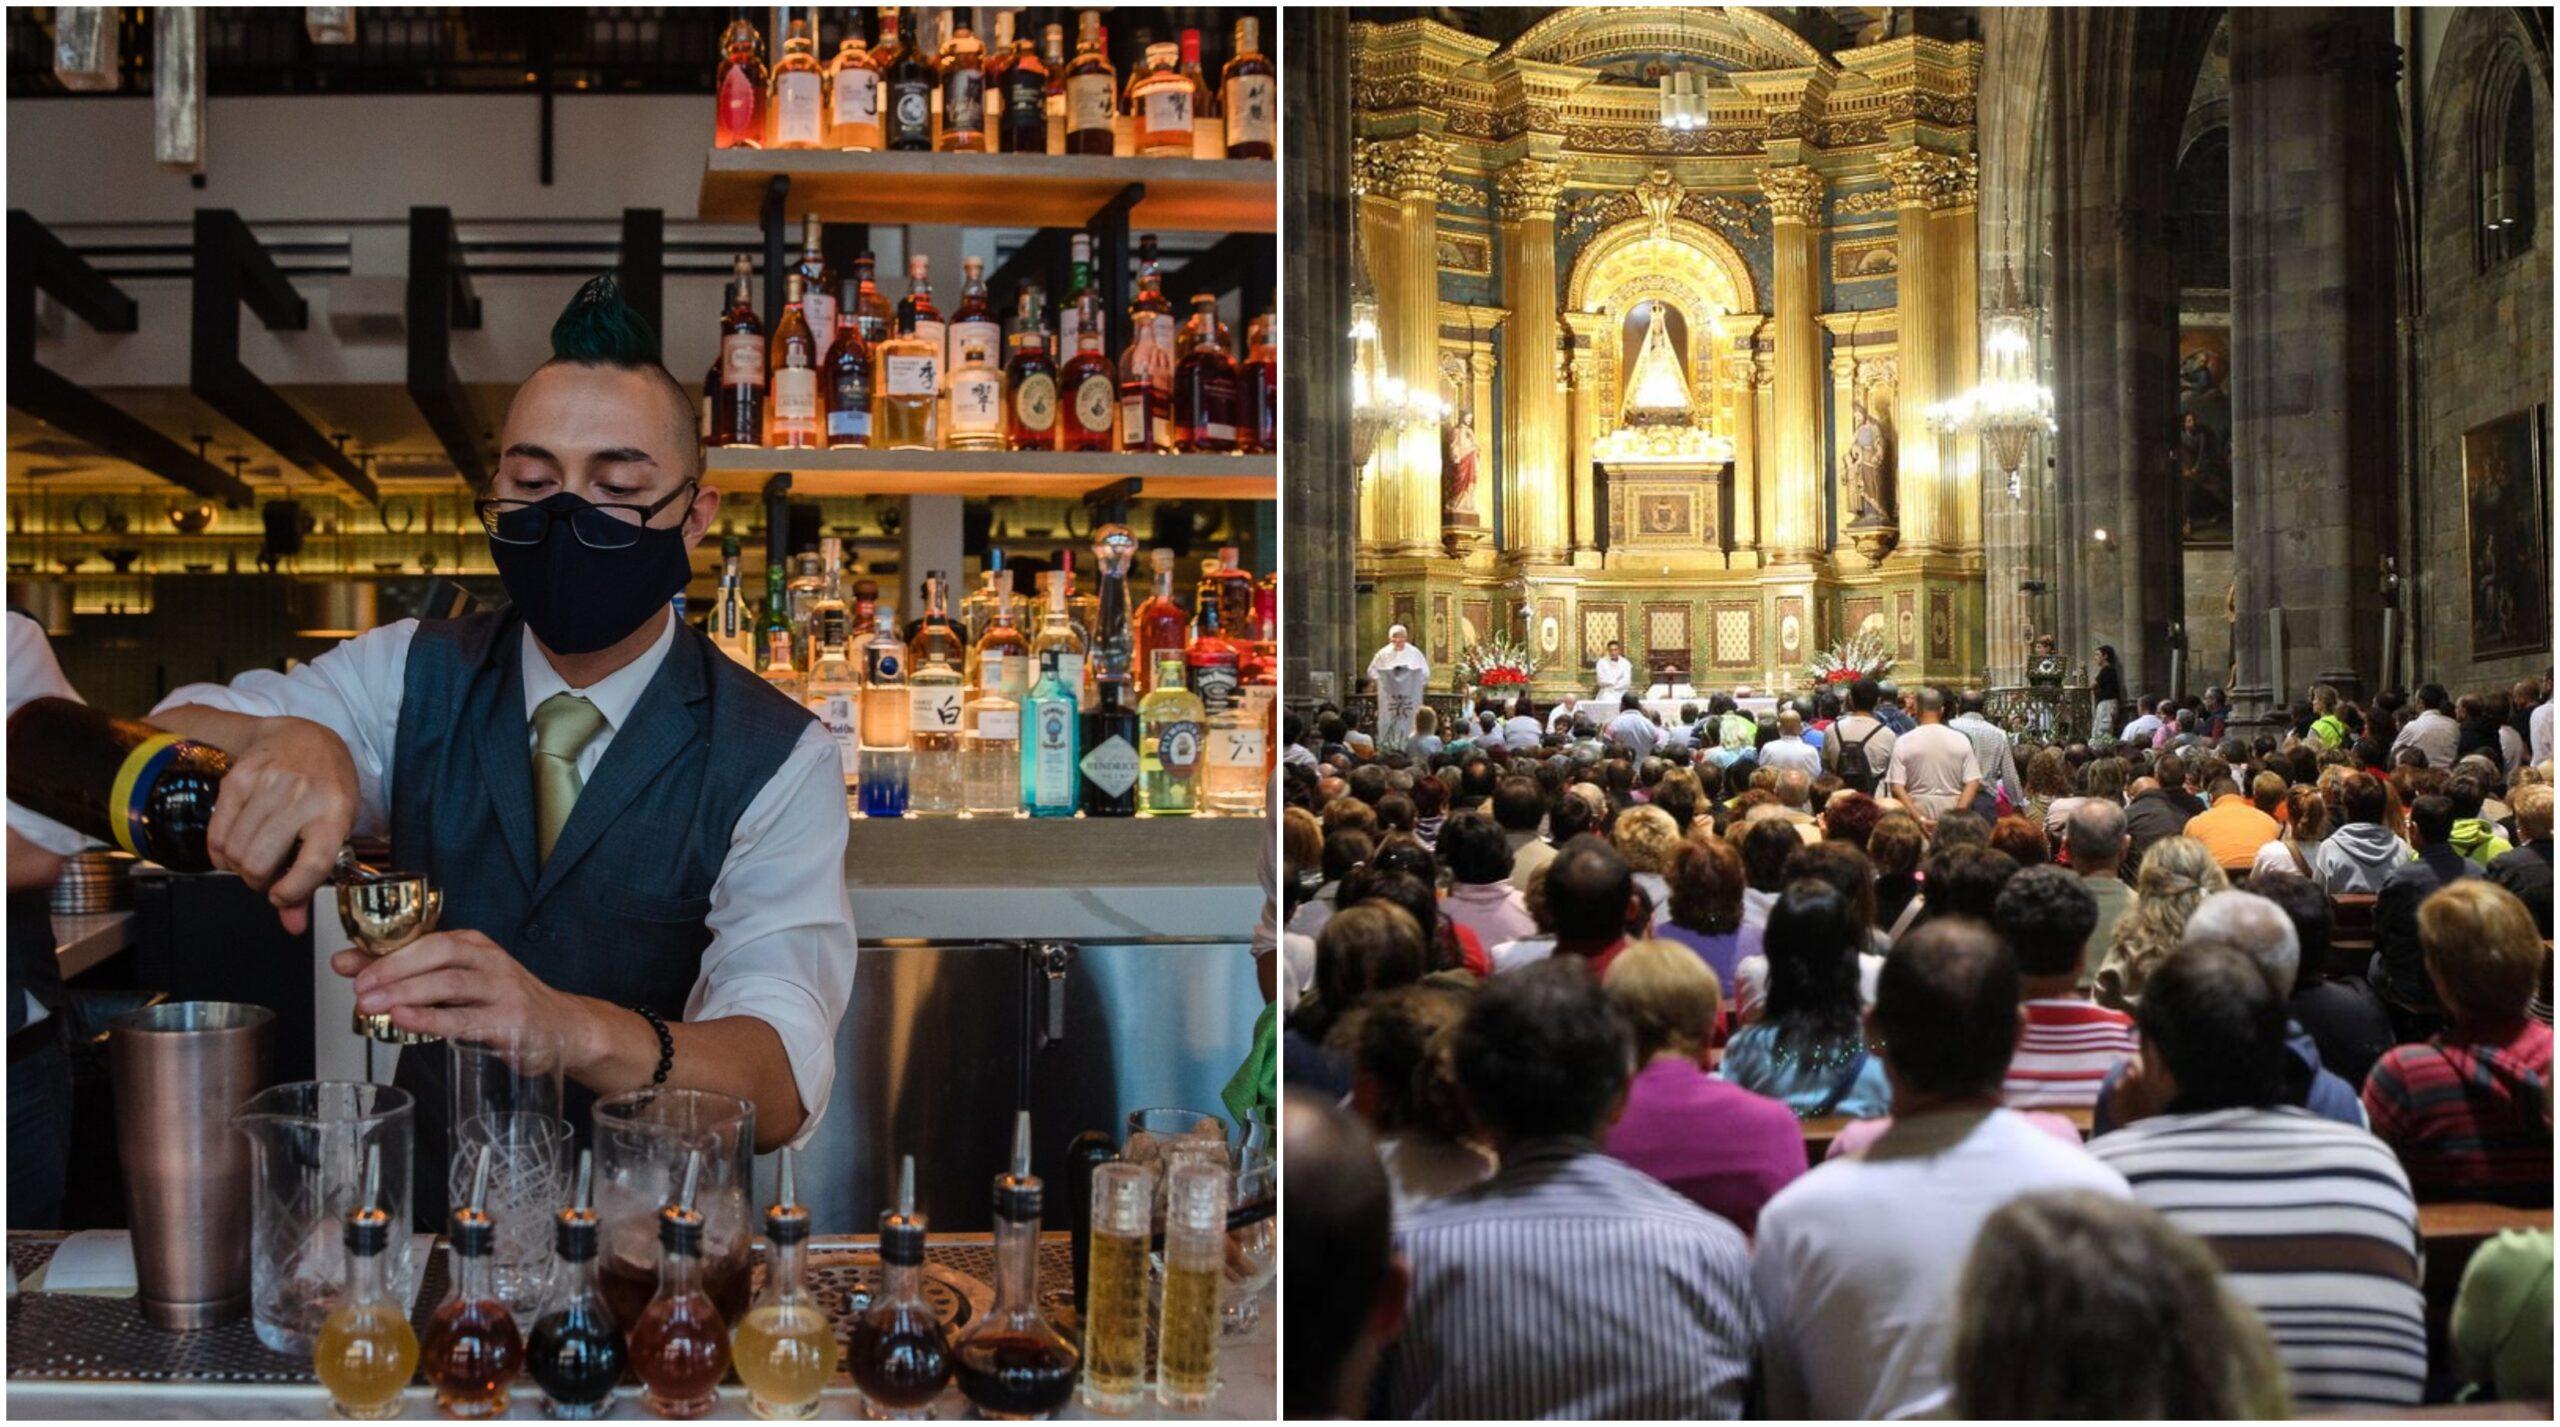 Por Covid-19 es igual de riesgoso ir a un bar que a un templo